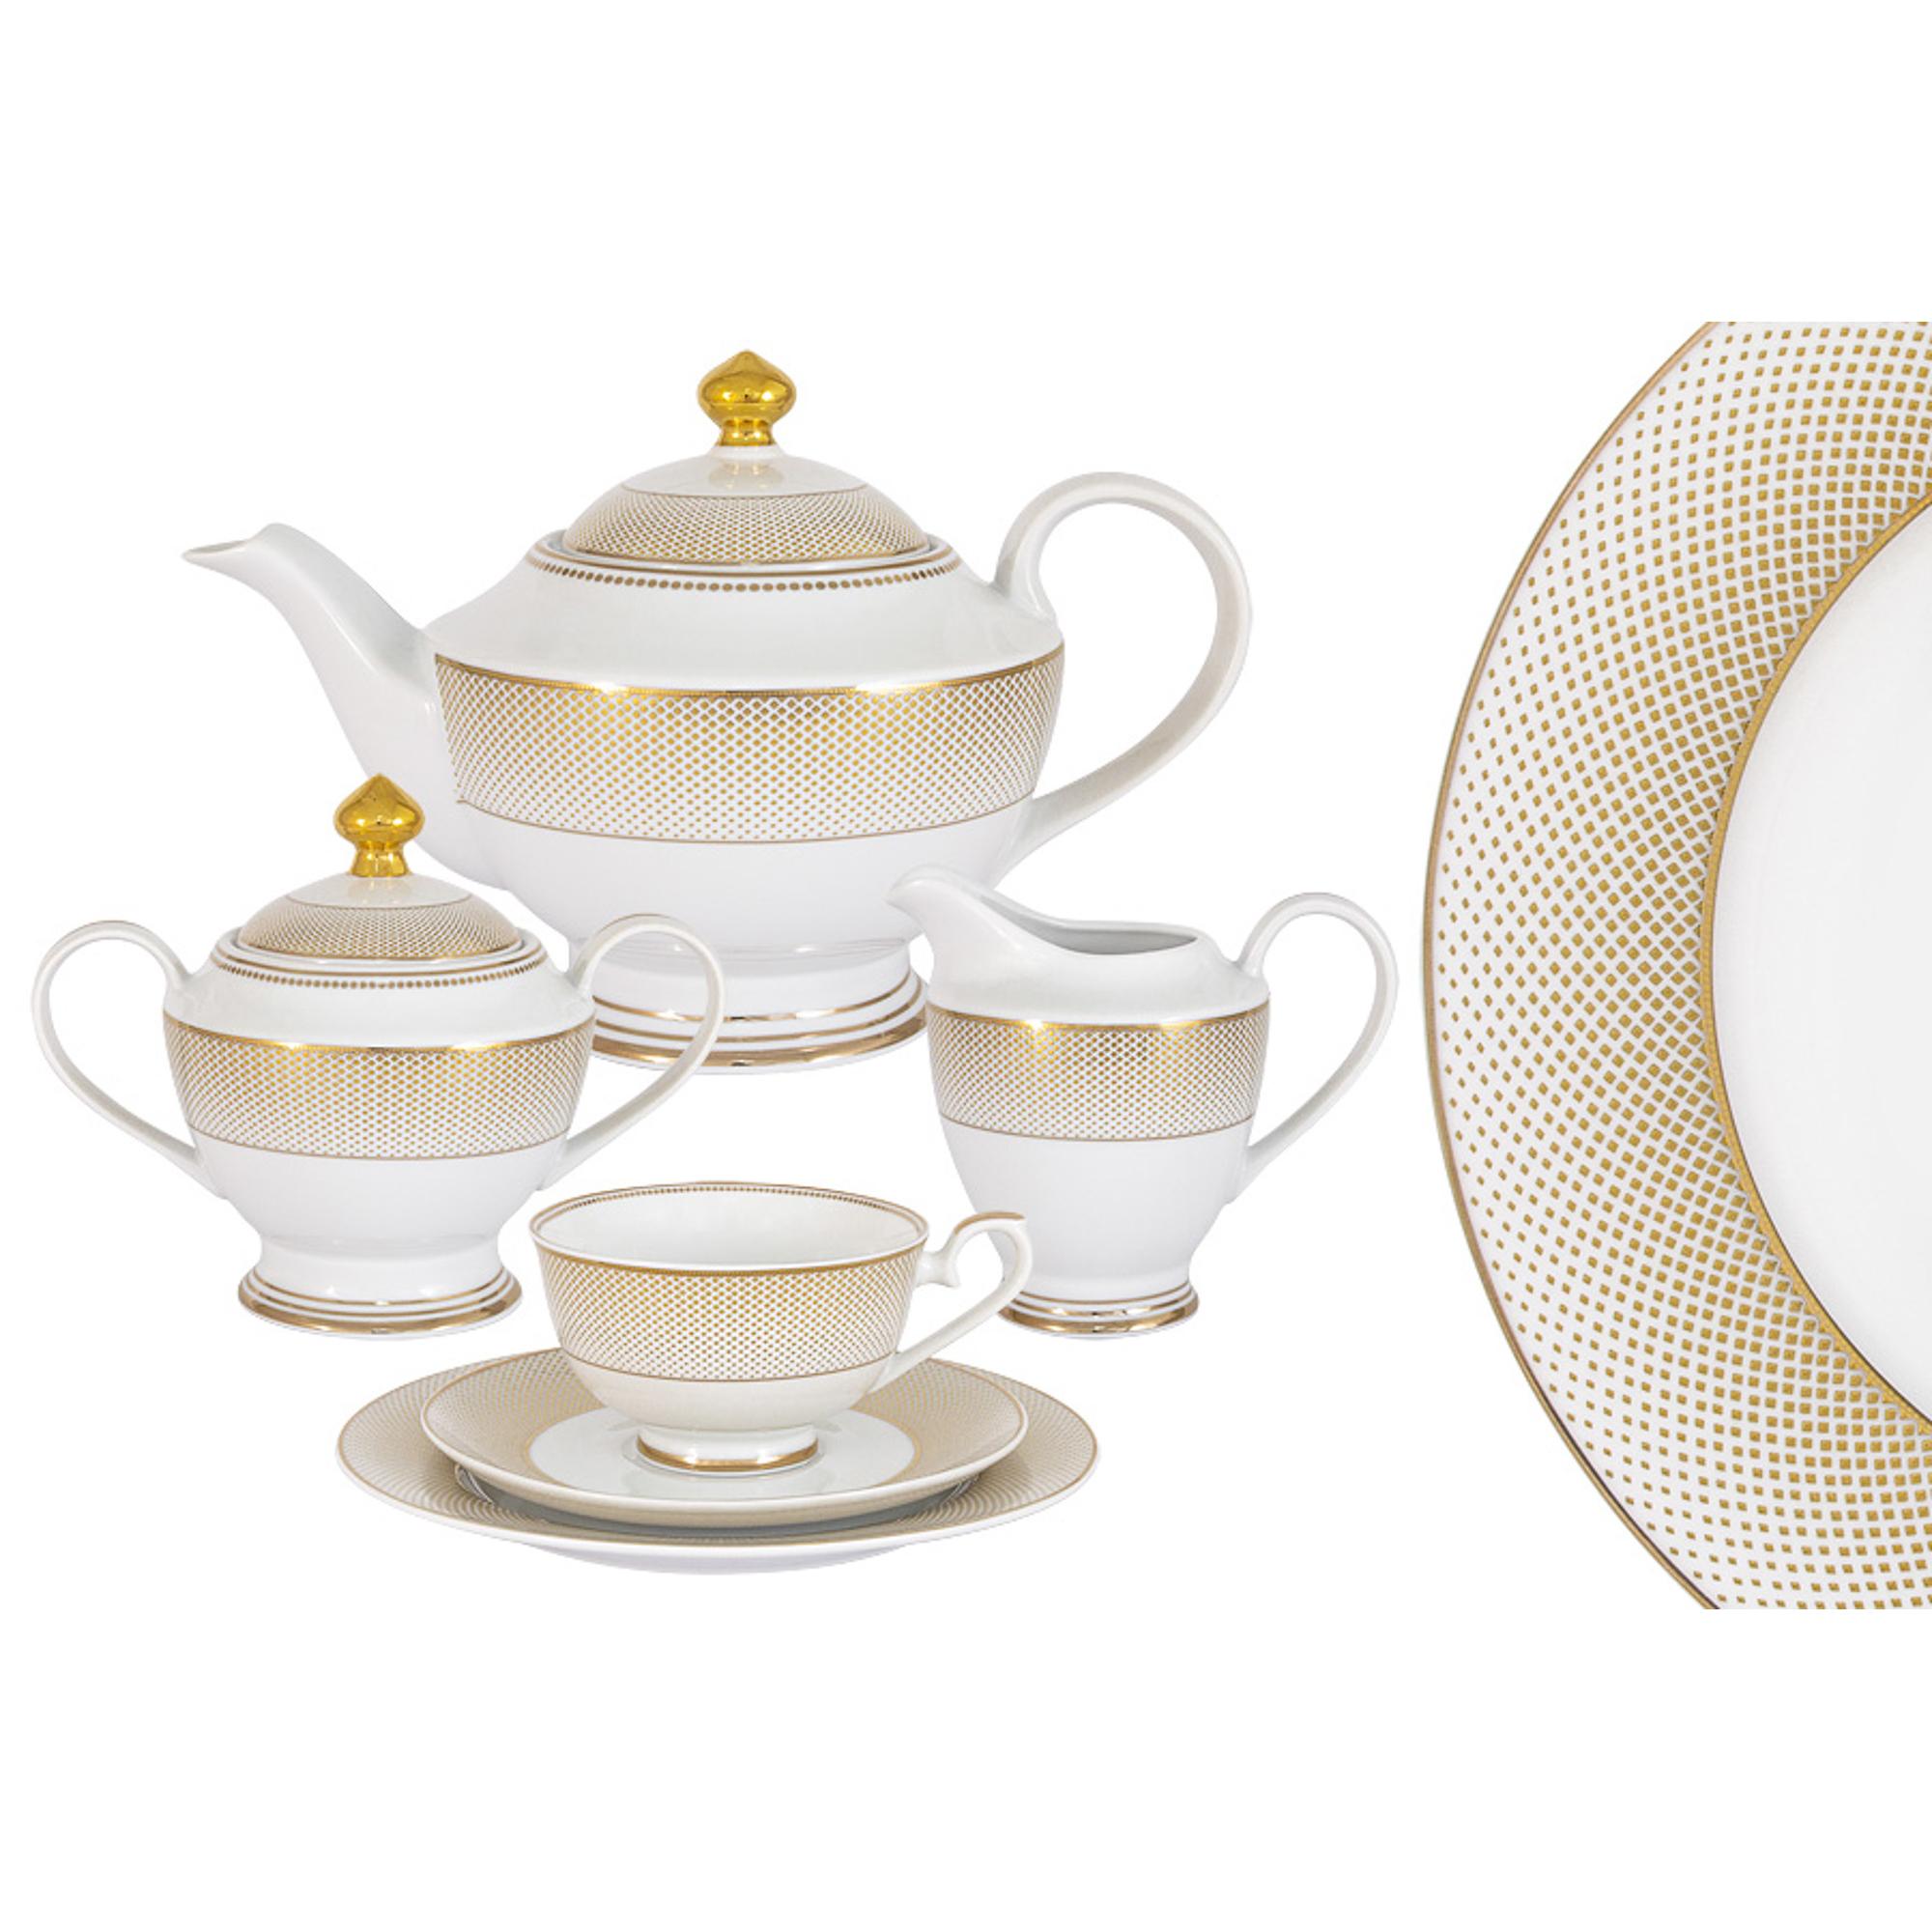 Чайный сервиз Midori Вирджиния 23 предмета